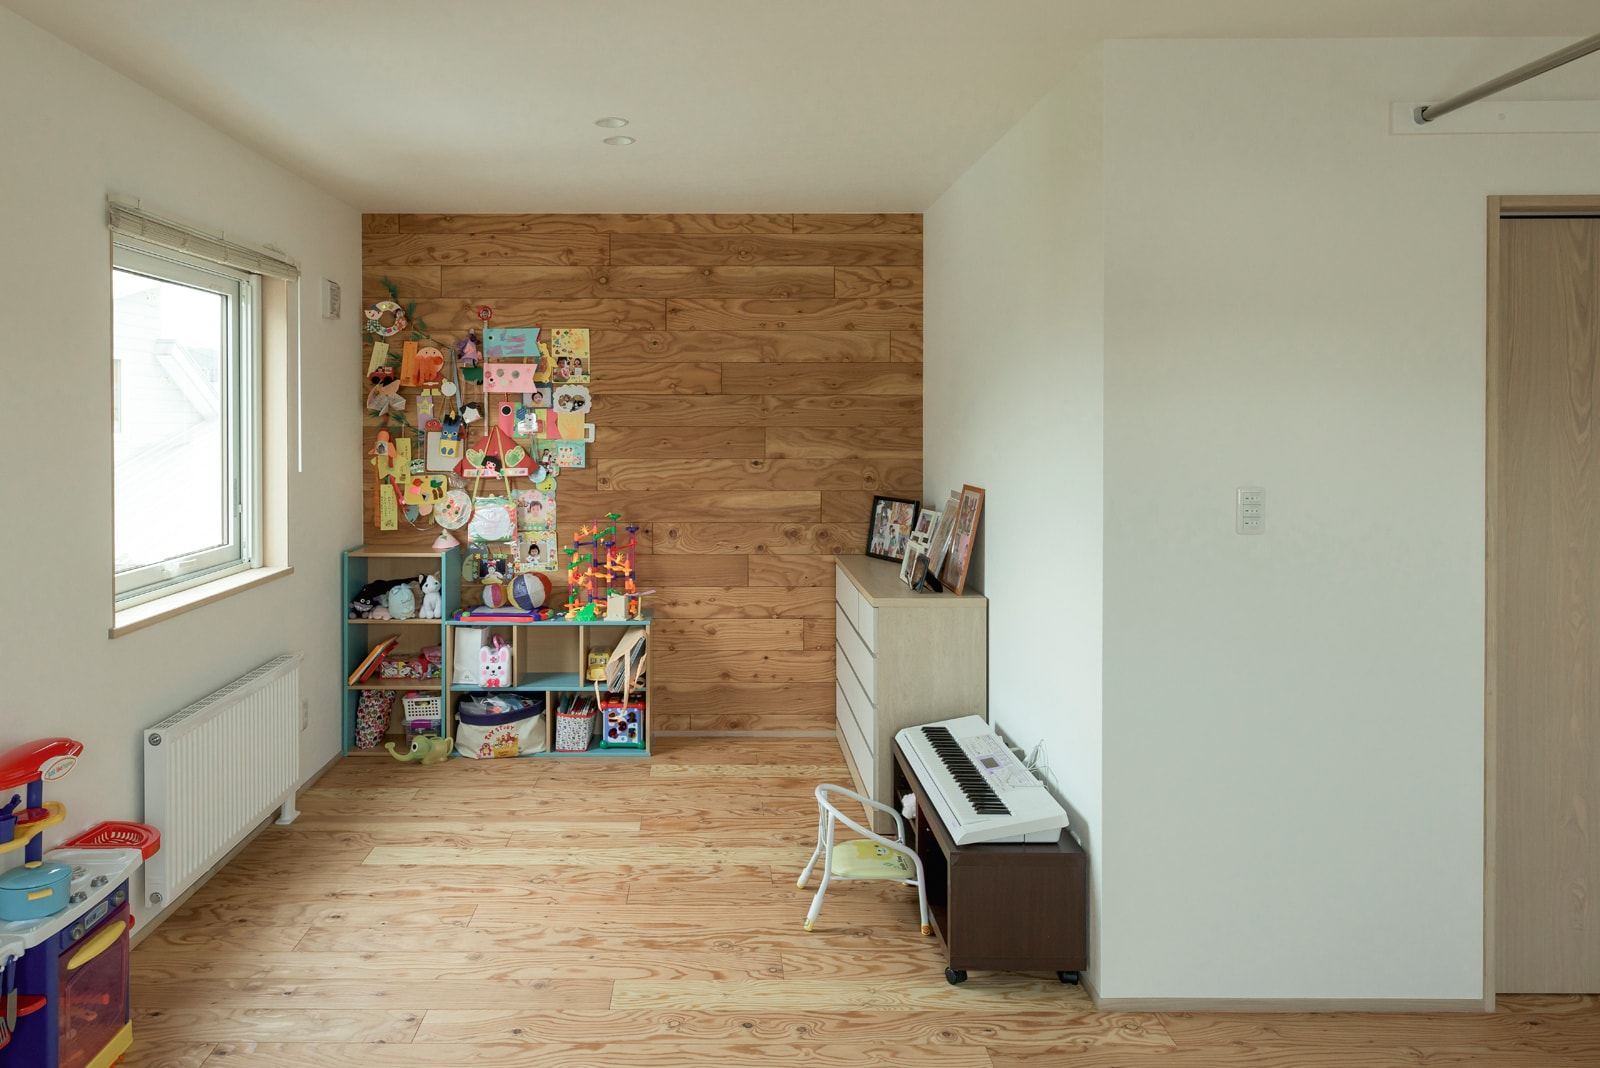 床・壁に構造材の合板を活用し、家全体の雰囲気を維持しつつもテイストの違う空間に。合板なので傷などもあまり気にならない